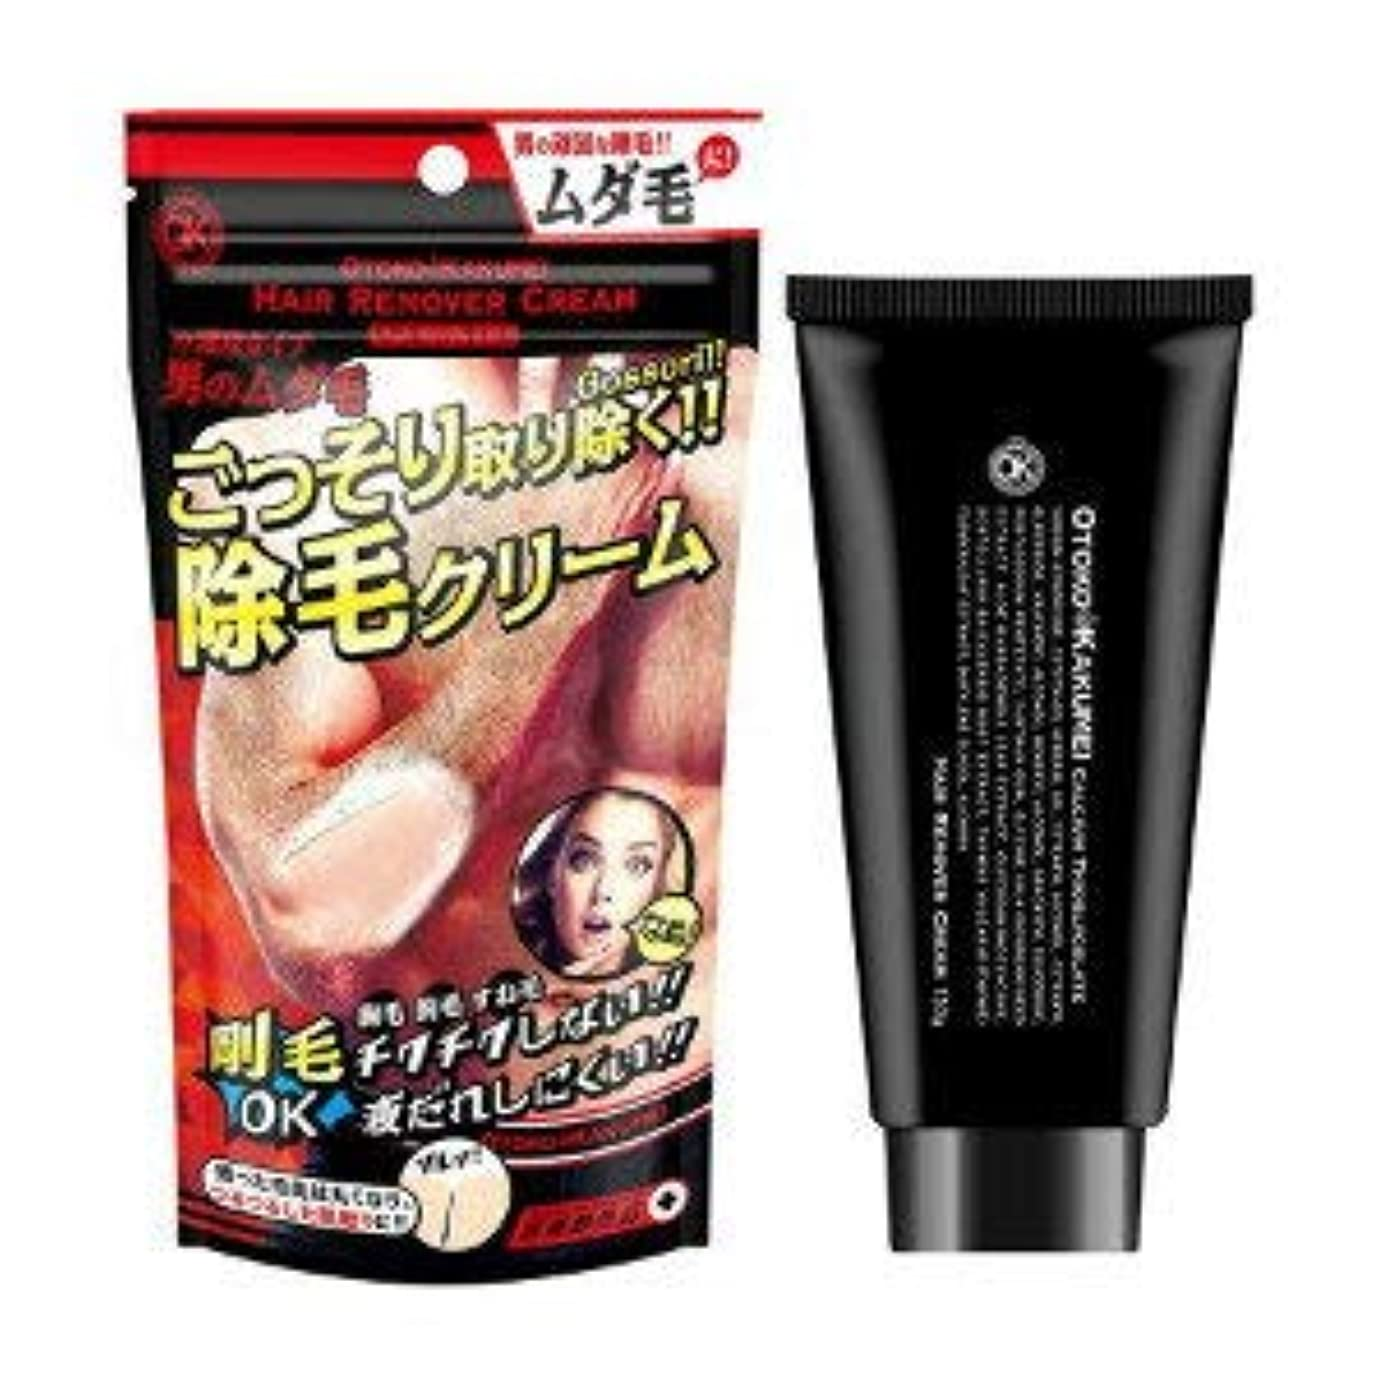 野生直径登録GR OTOKO KAKUMEI ヘアリムーバークリーム 130g×3個セット (医薬部外品)